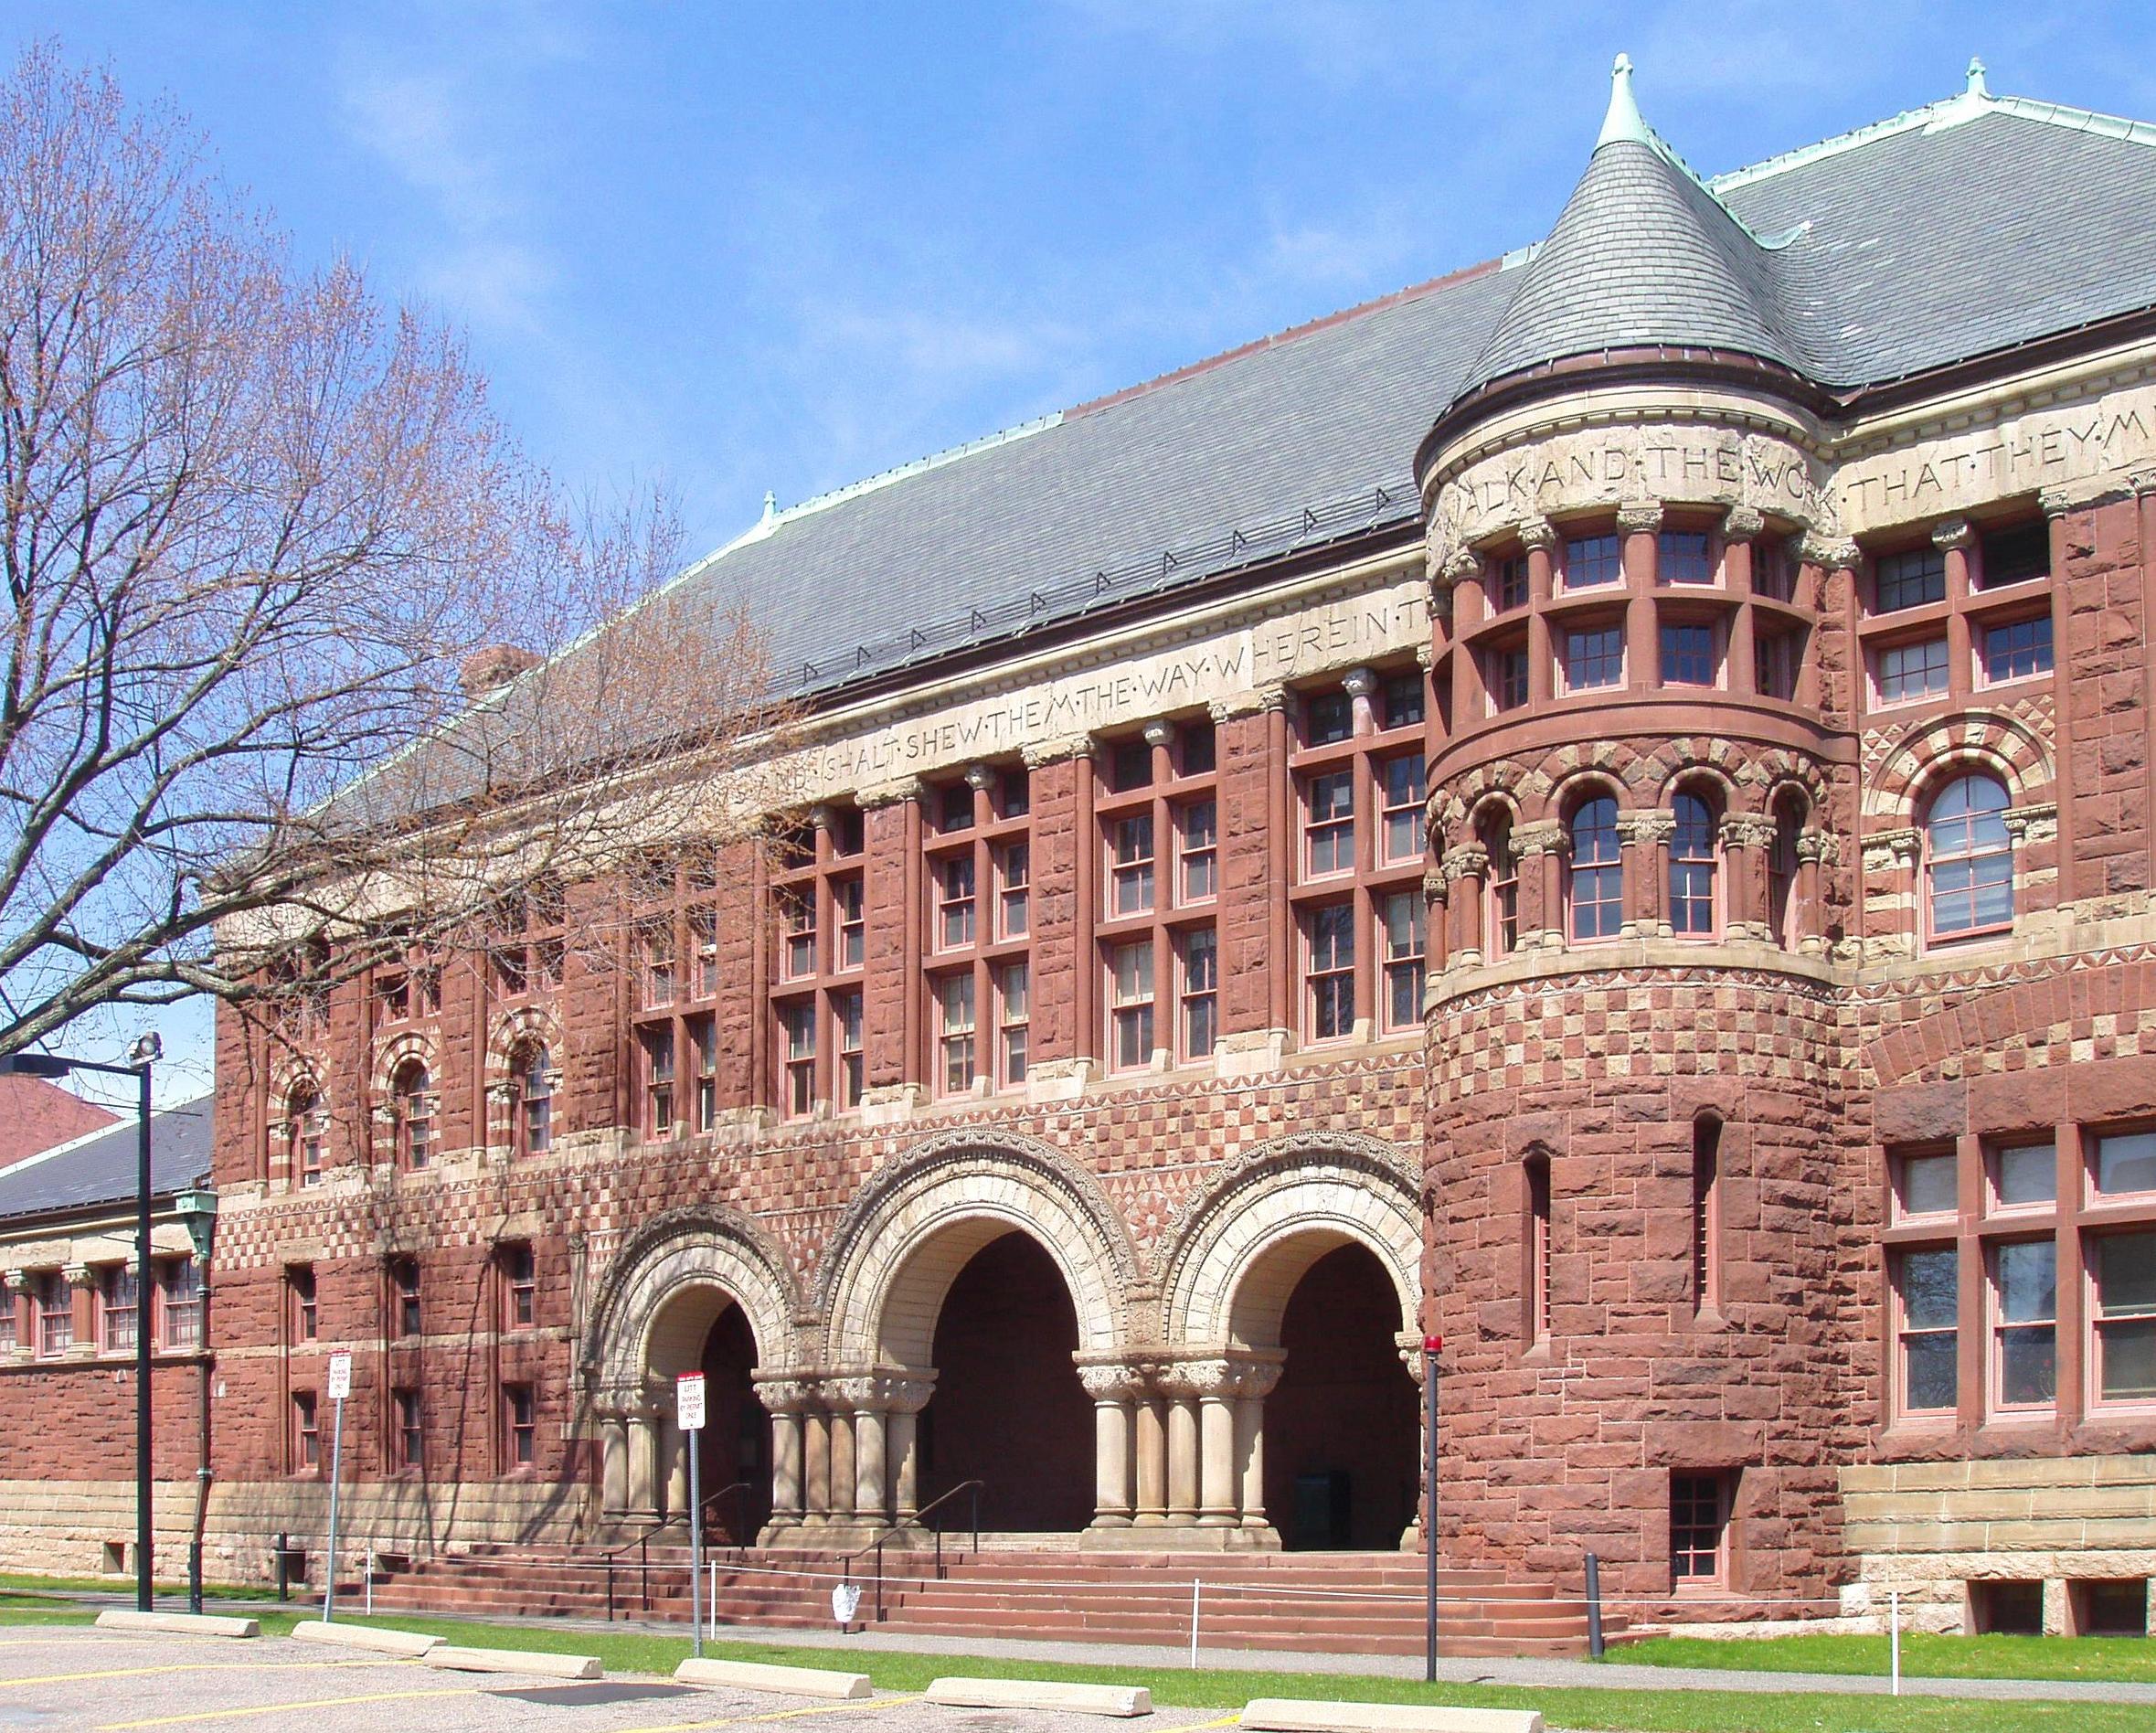 Austin Hall (Harvard University) - Wikipedia